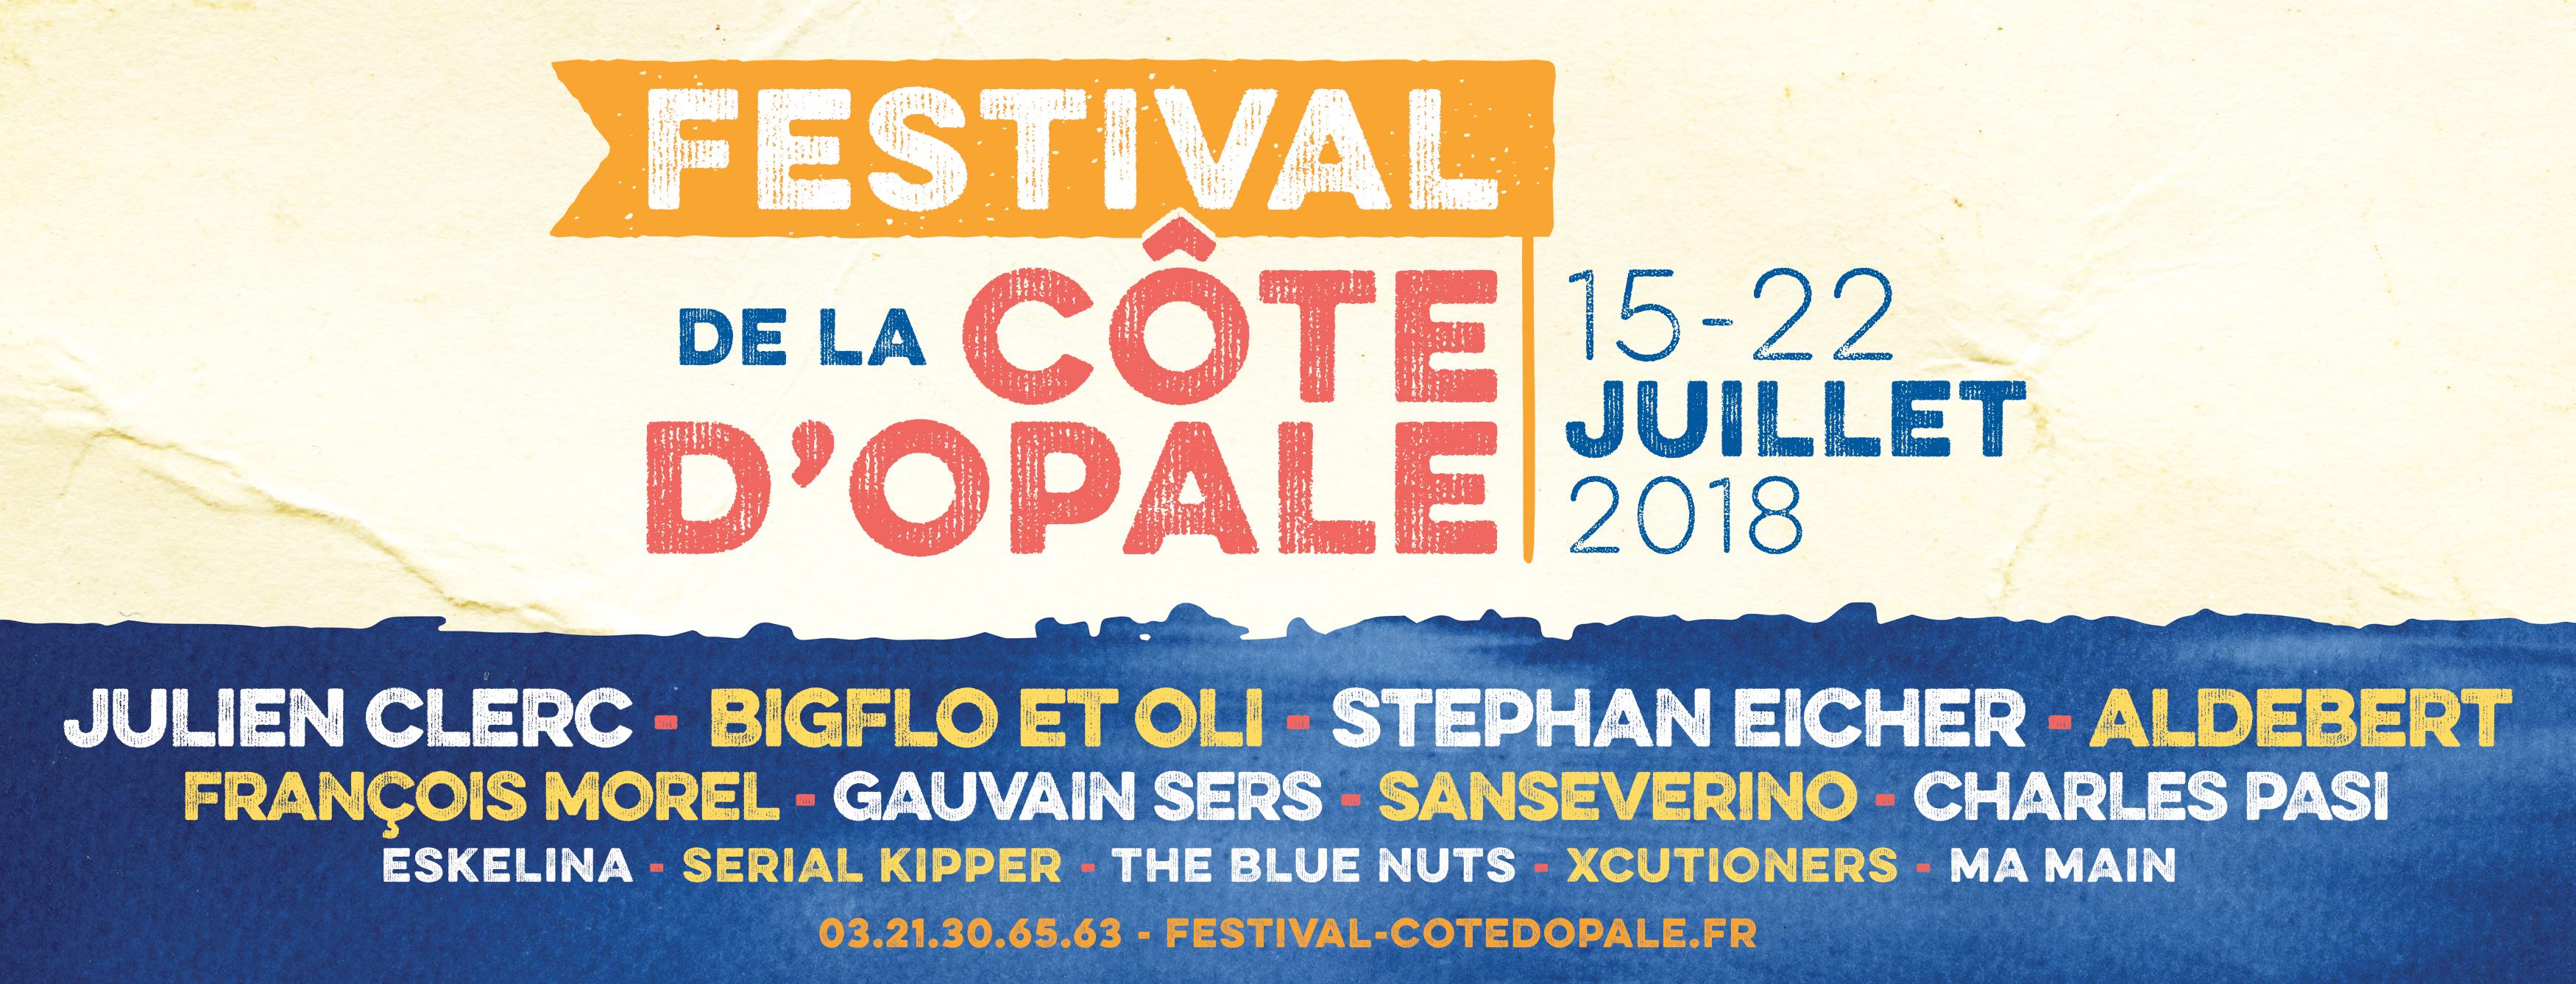 Festival de la Côte d'Opale 2018